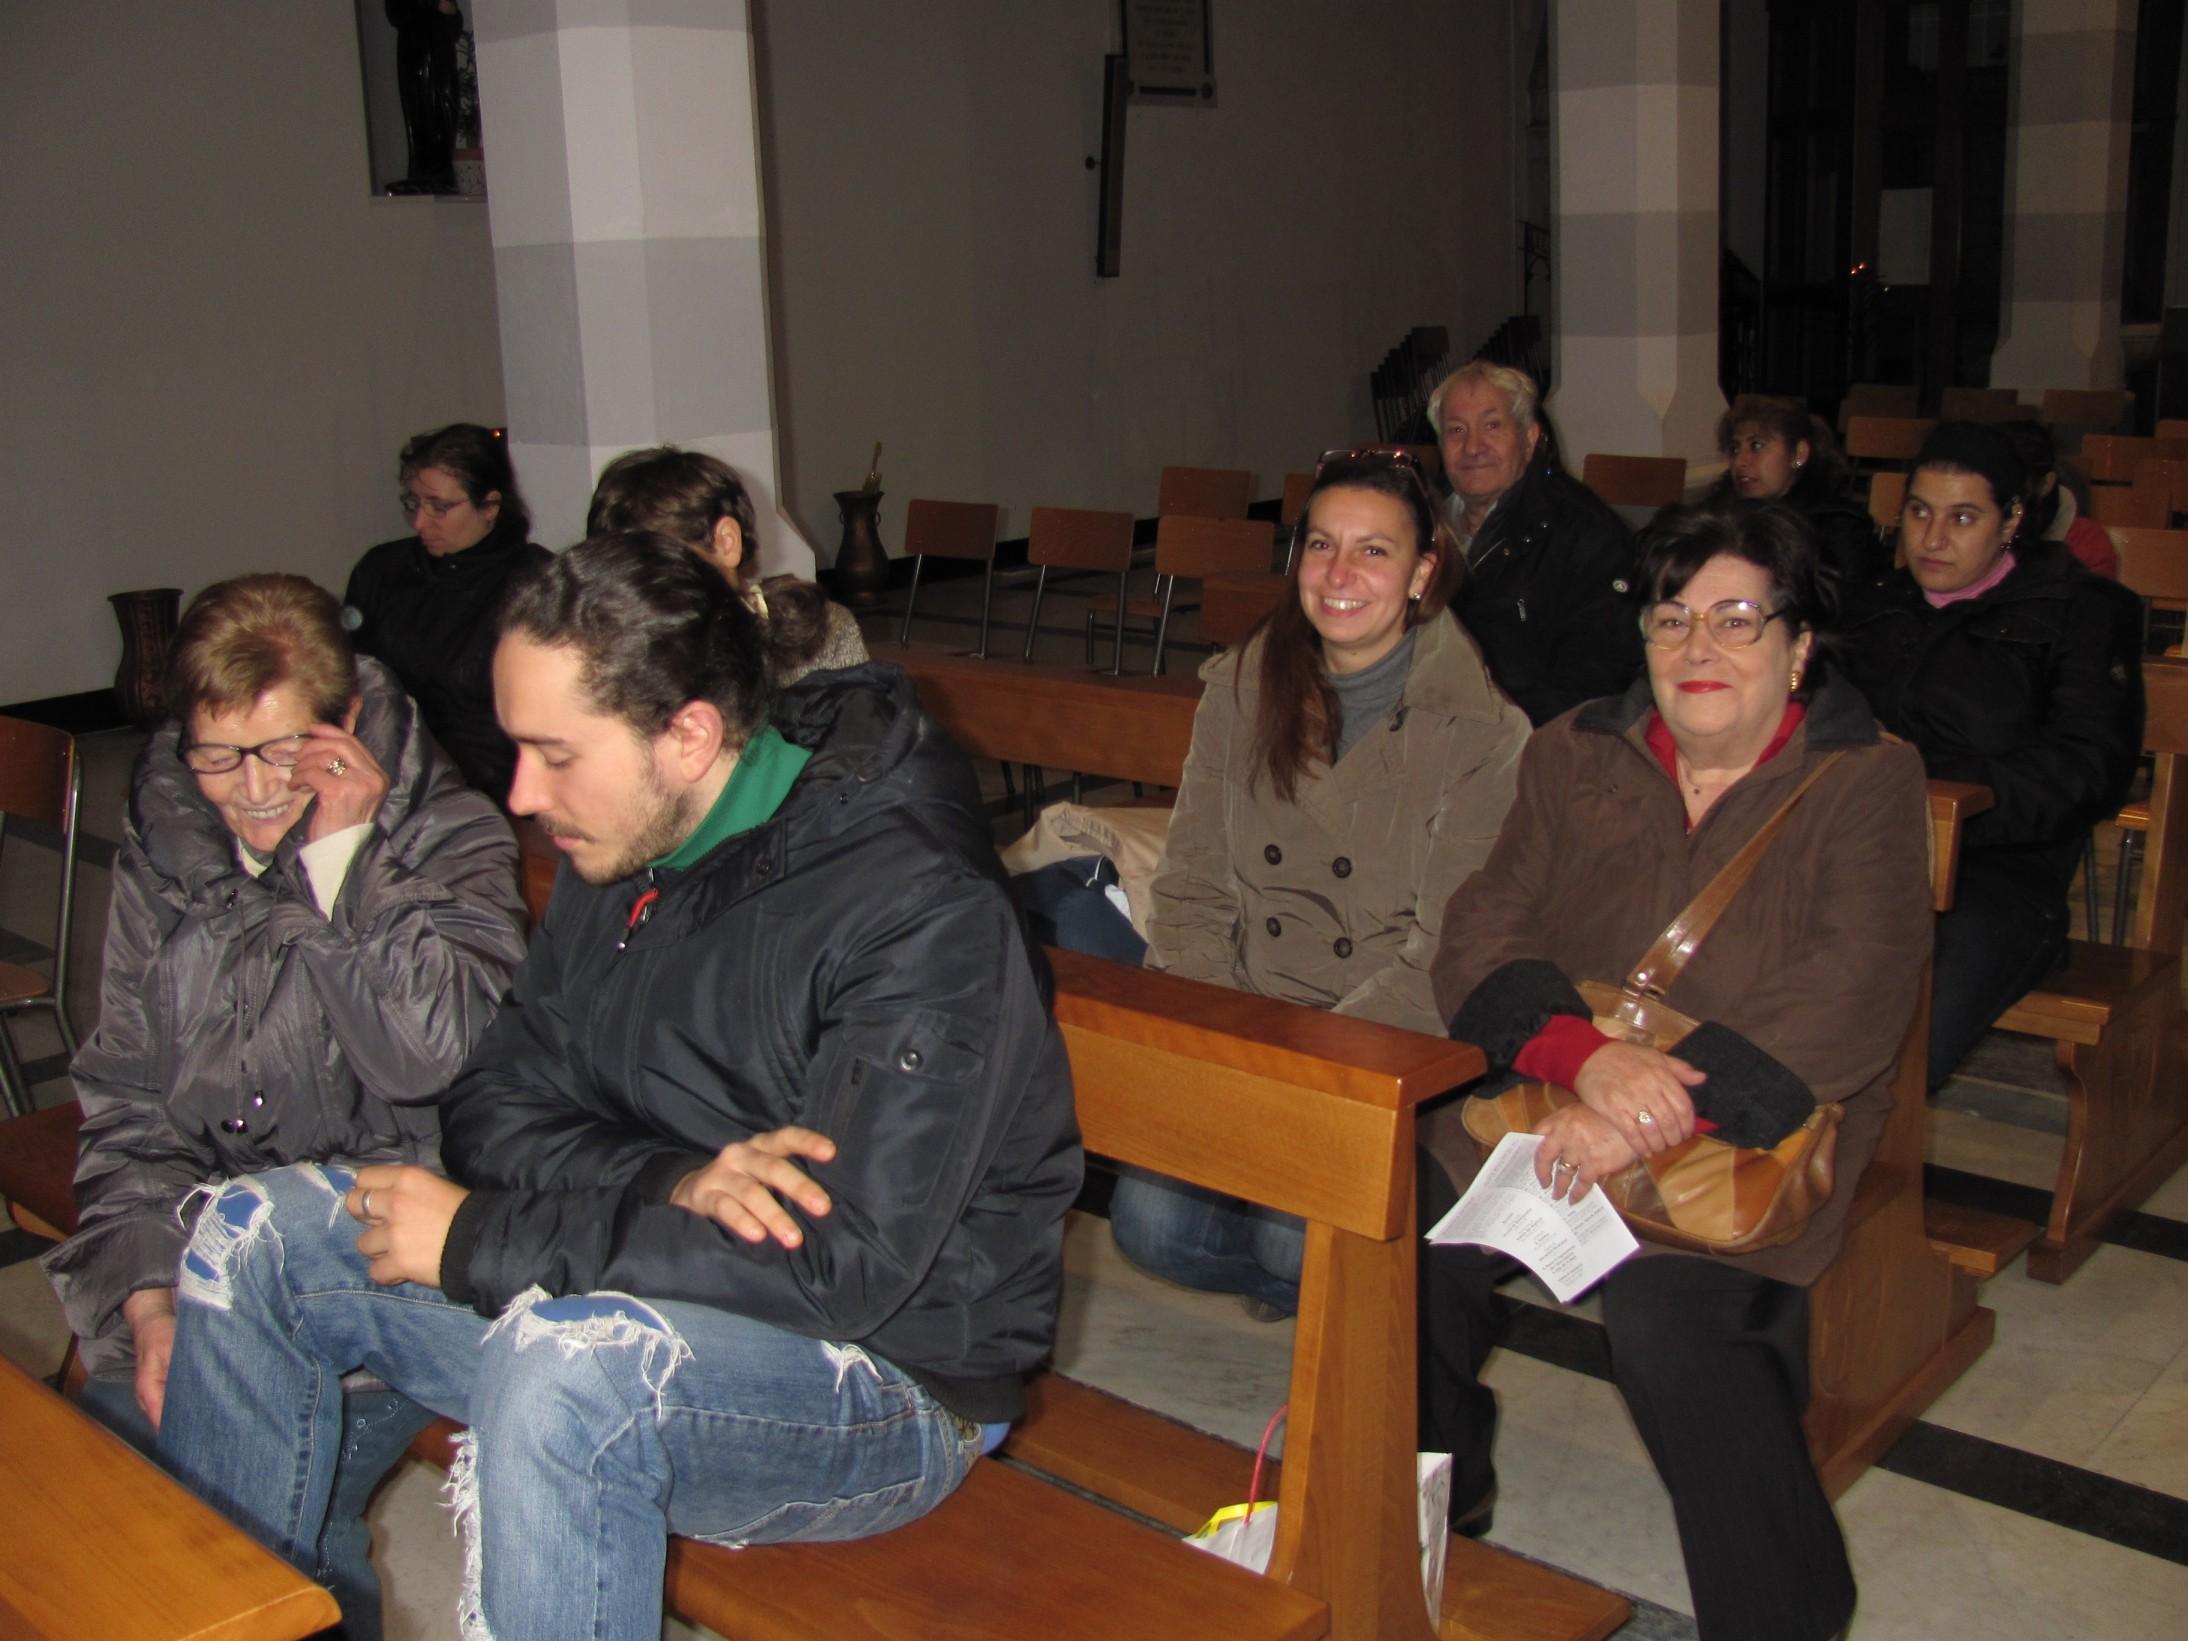 spettacolo_natale_2011-12-24-17-28-57